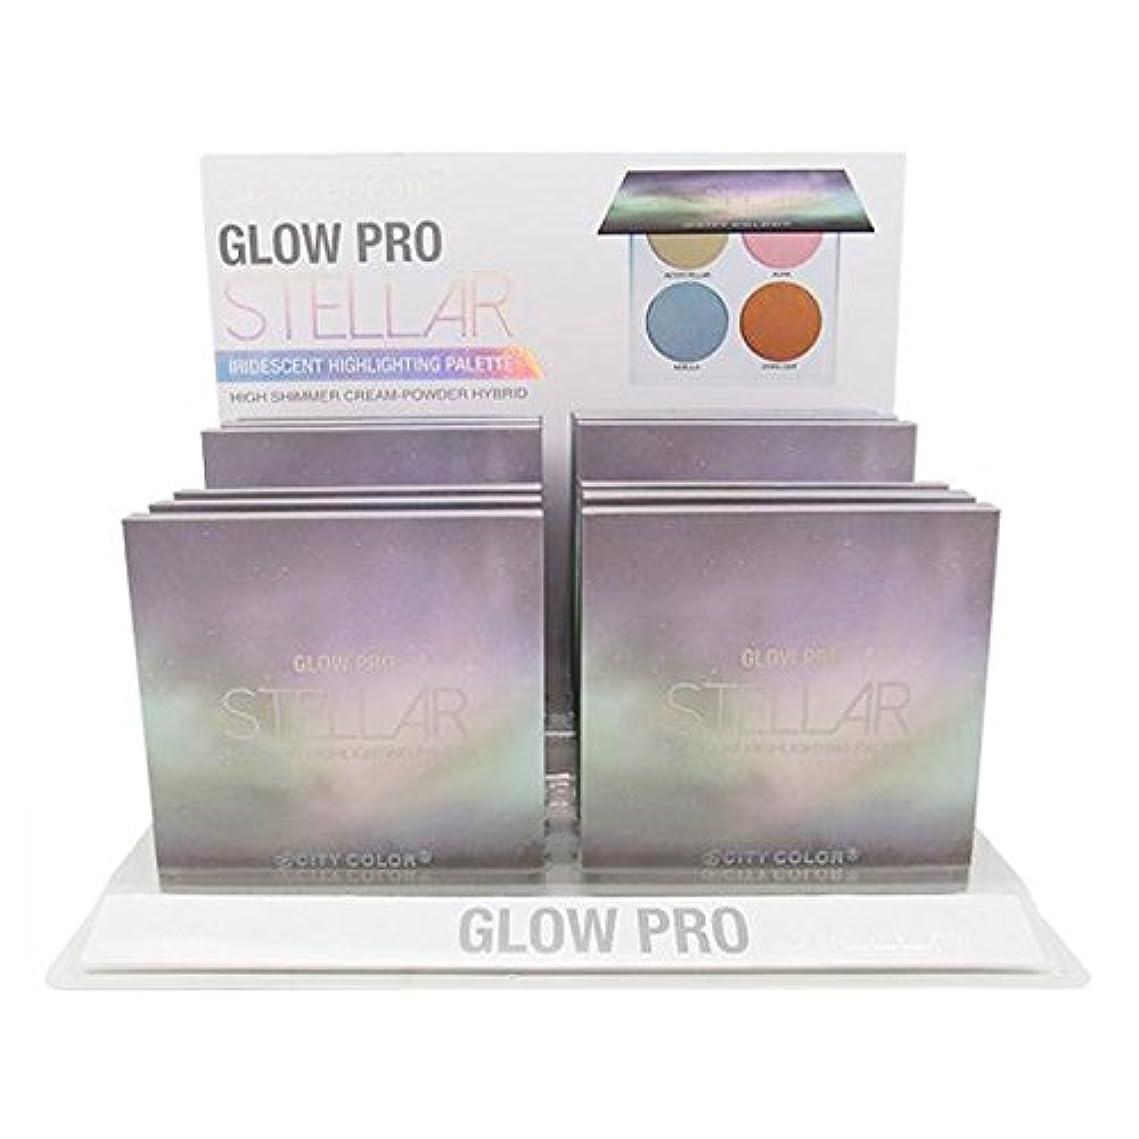 ドロップ猛烈な腐敗CITY COLOR Glow Pro Stellar Iridescent Highlighting Palette Display Set, 12 Pieces (並行輸入品)